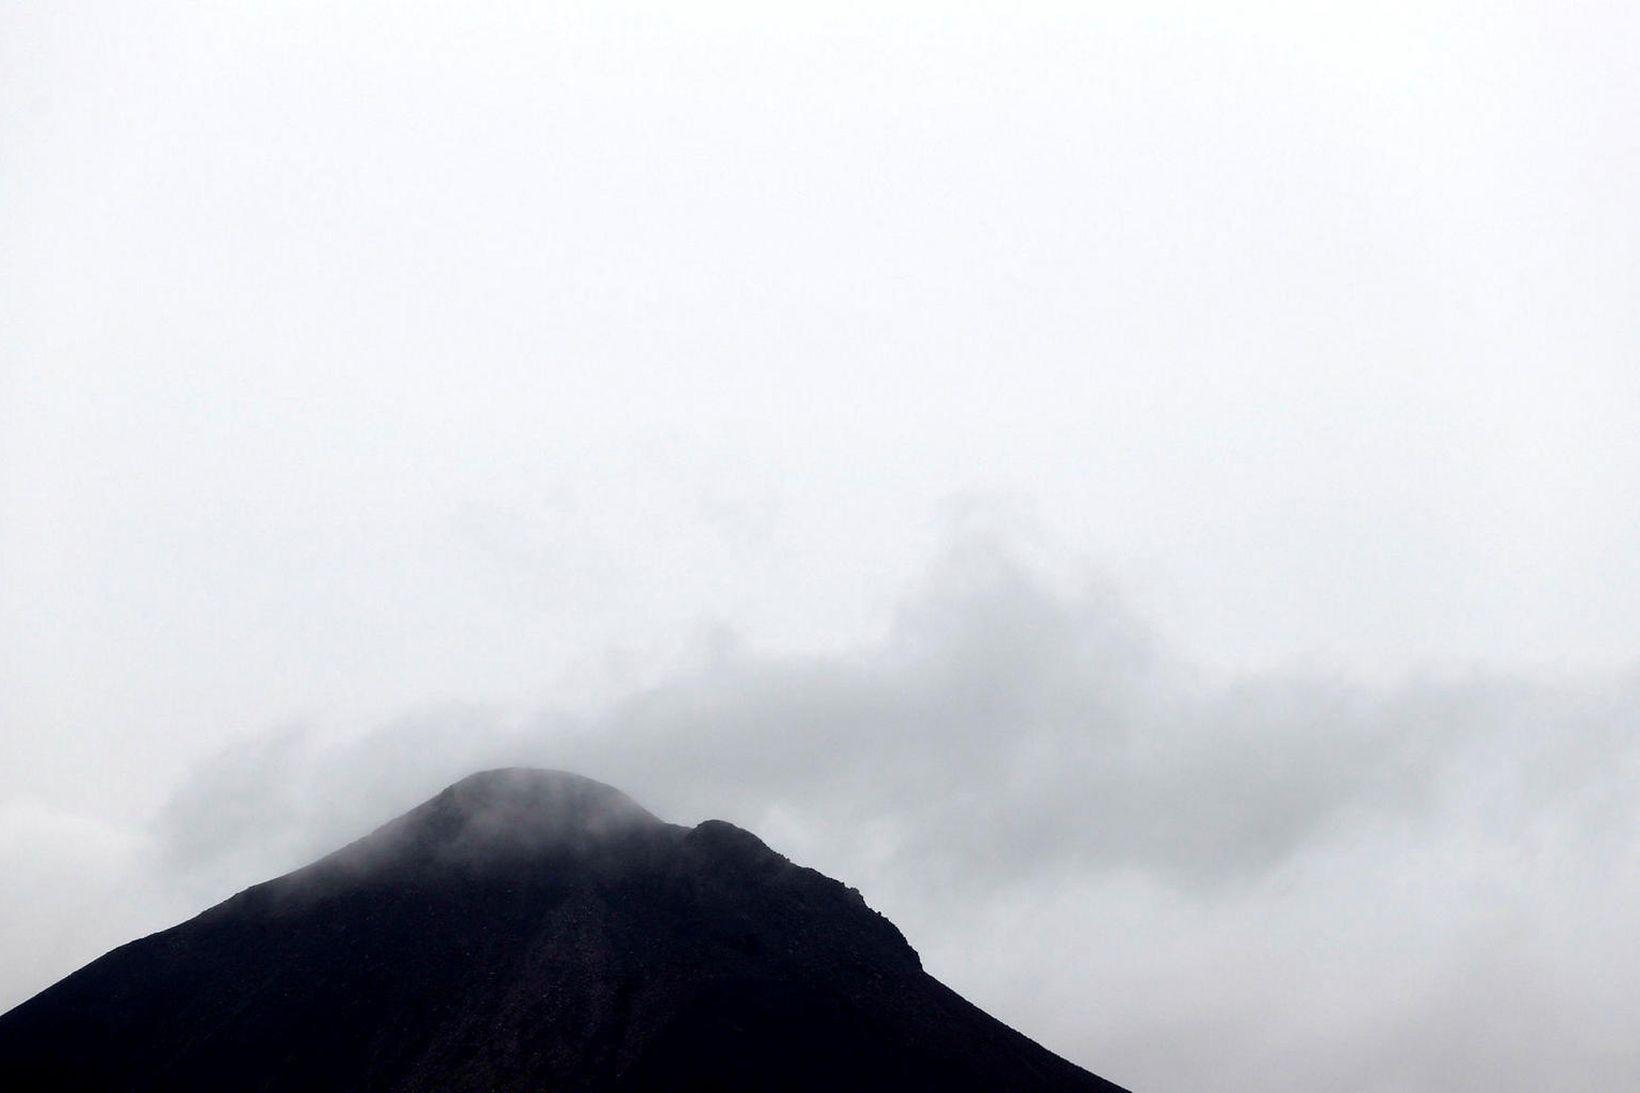 Jarðskjálftavirknin er mest í kringum Keili og Fagradalsfjall.